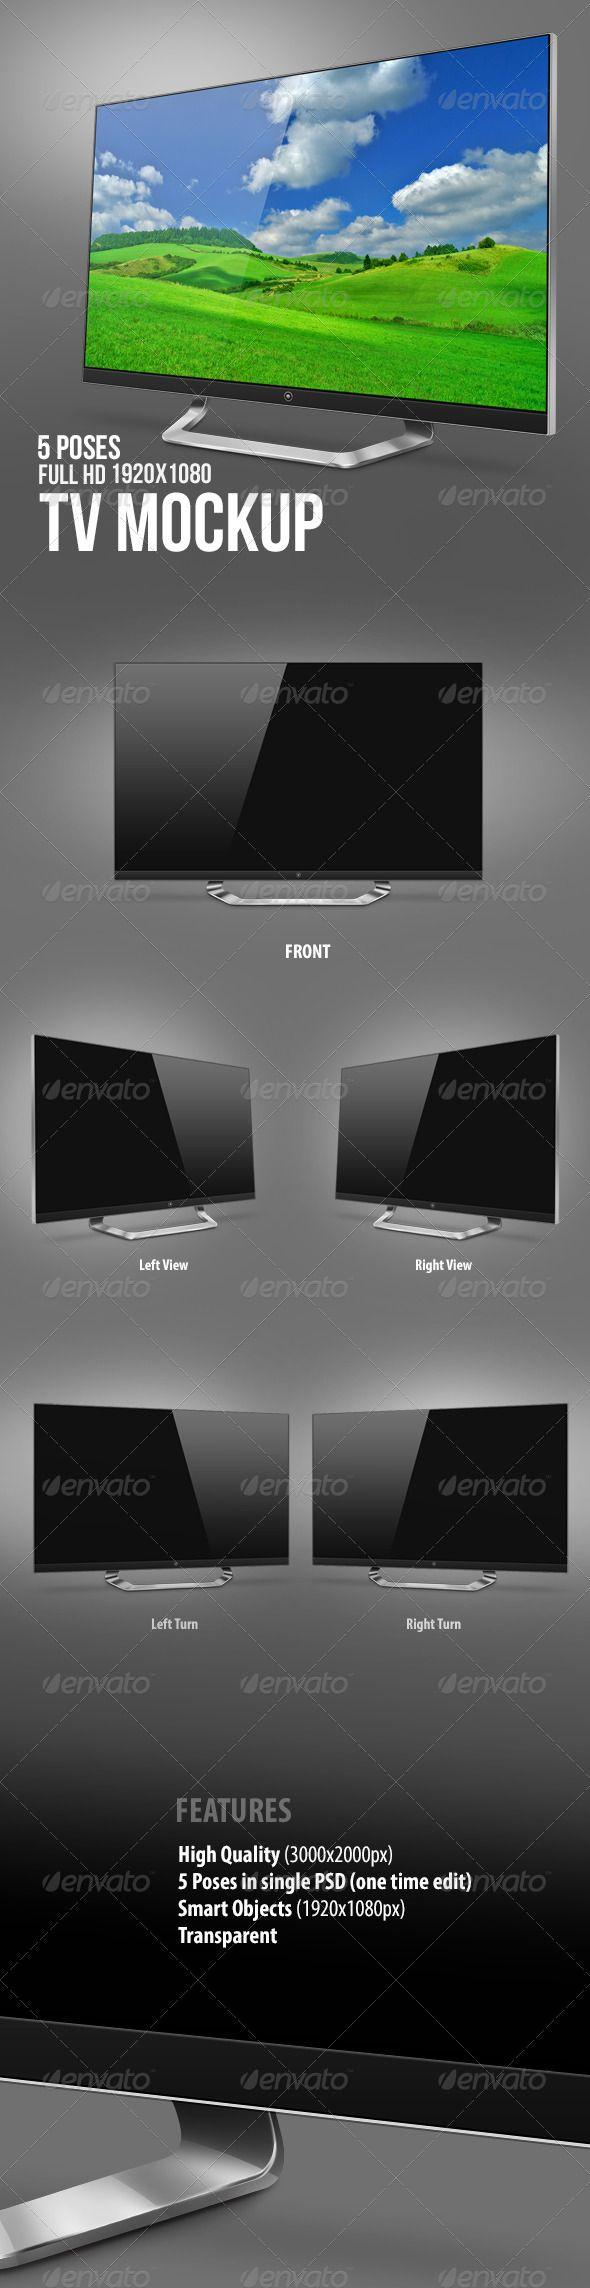 Graphics Led Tv Mock Up Graphicriver Led Tv Business Card Mock Up Mockup